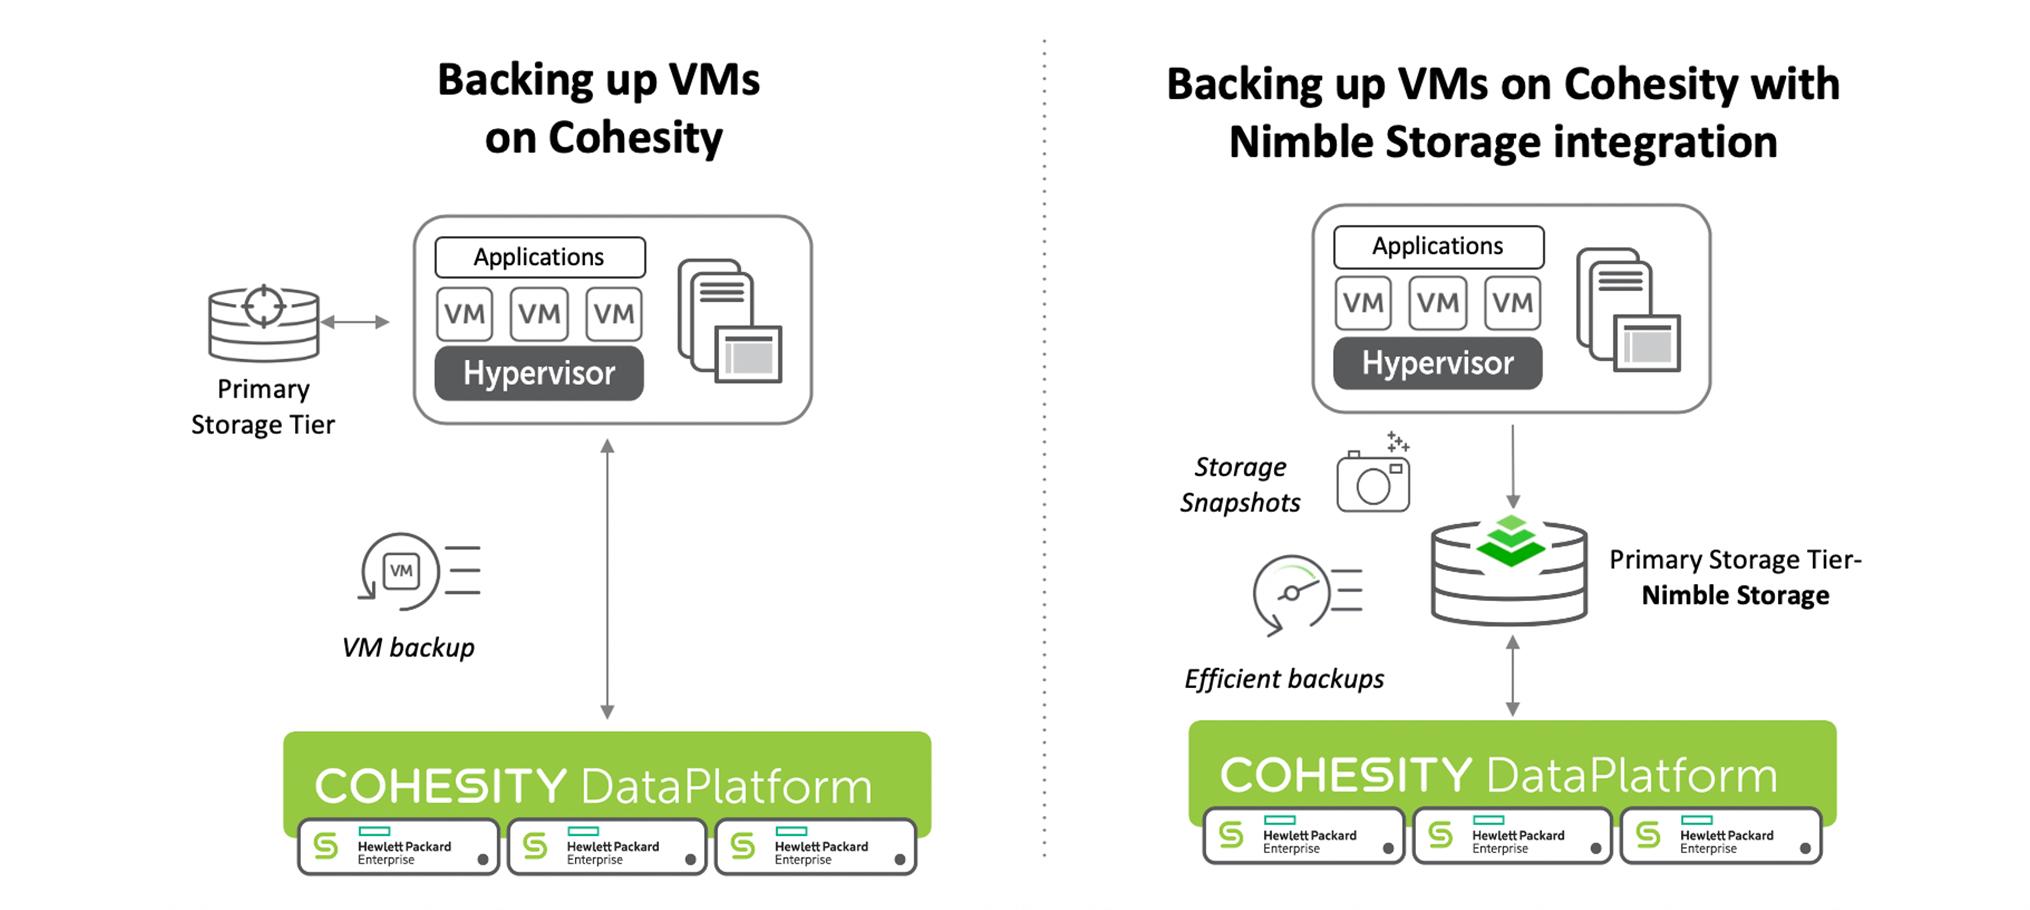 Backing up VMs on Cohesity